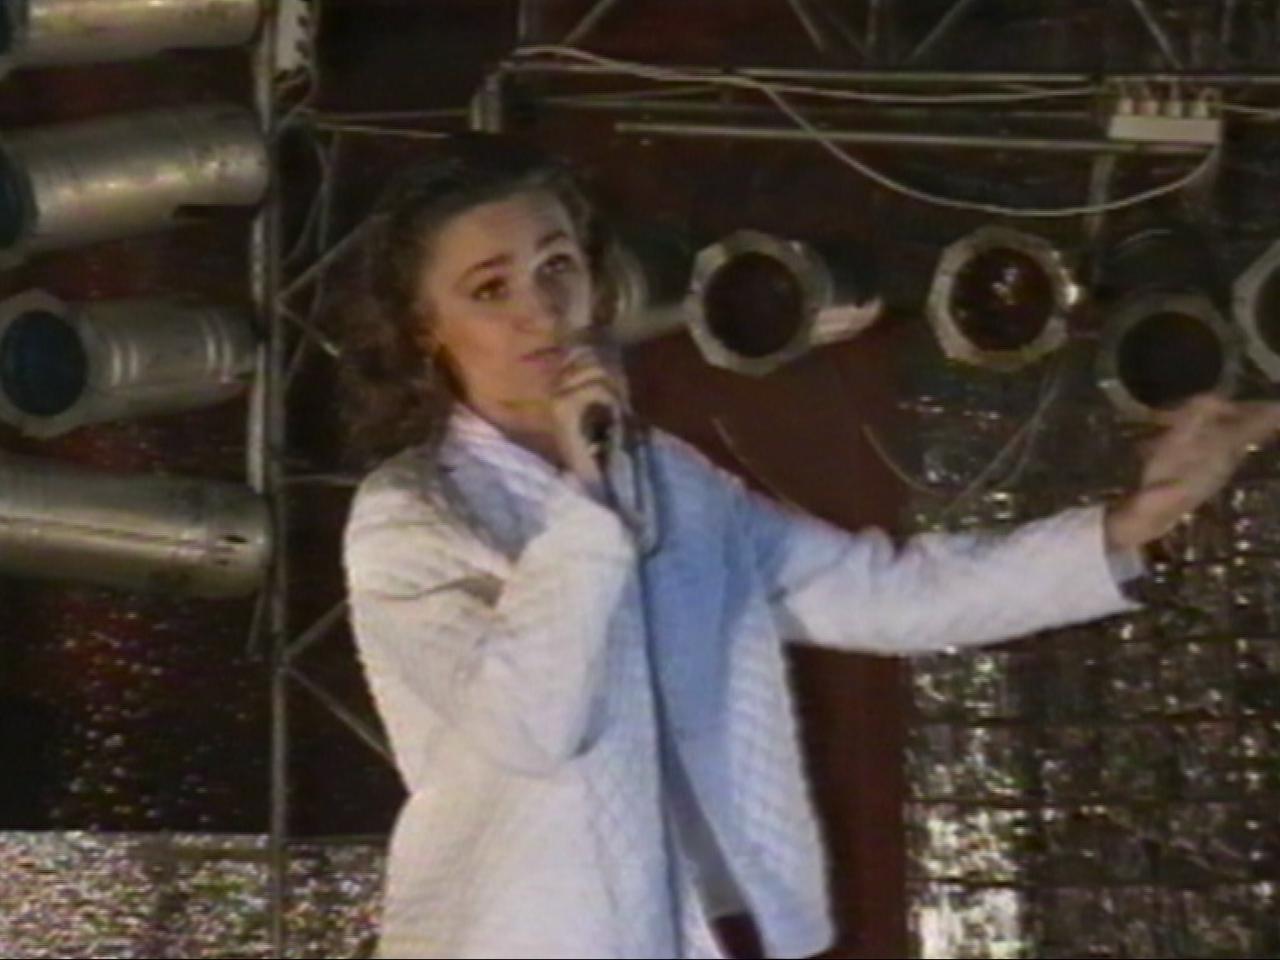 Amara 1997 - Mentiune 3 - Madalina Manolache.jpg